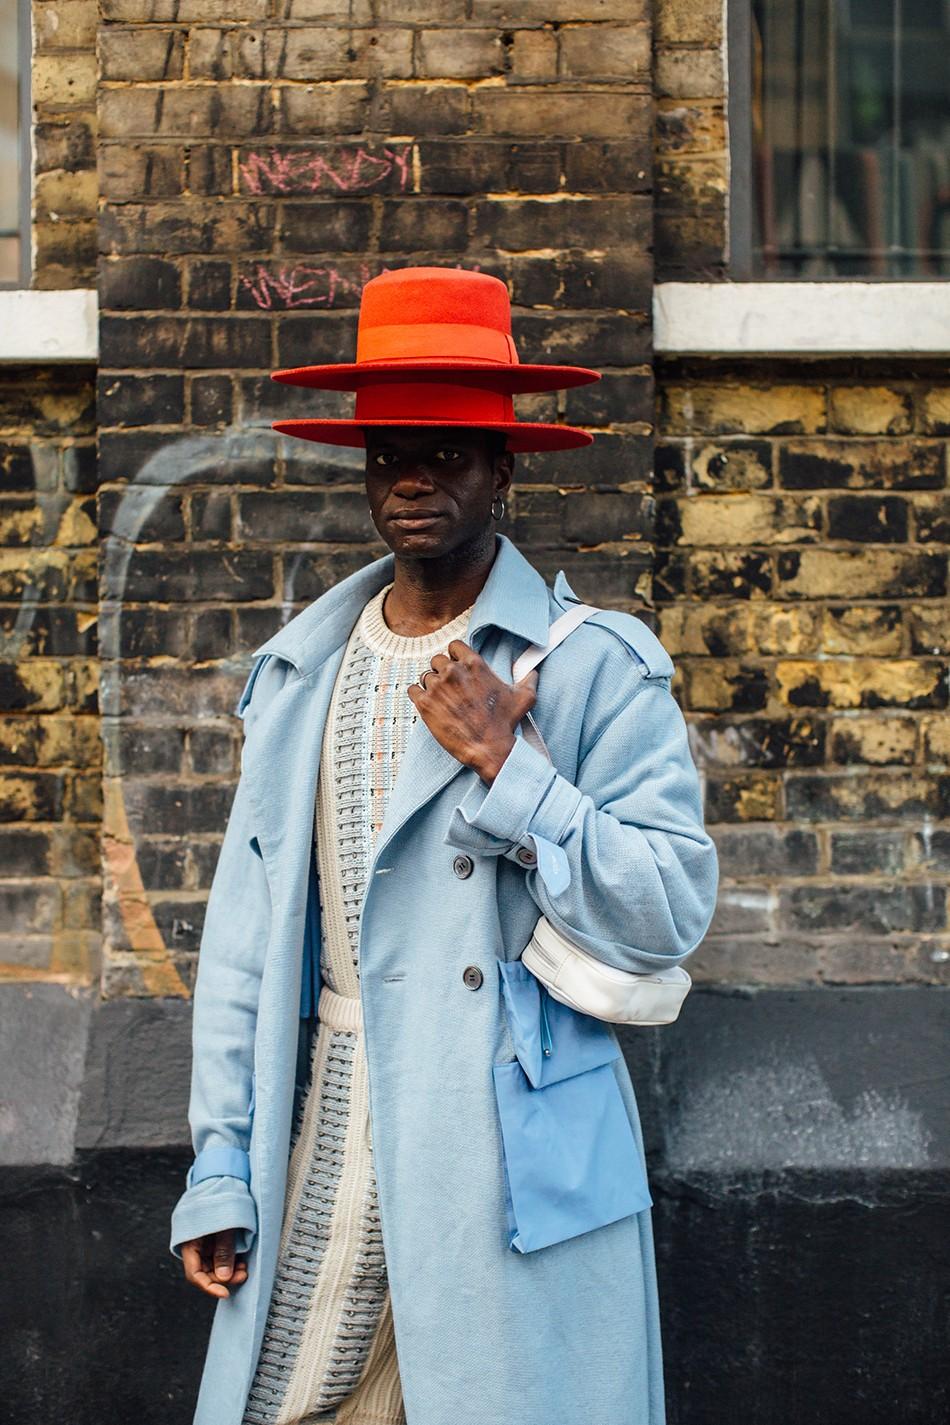 Мужская неделя моды в Лондоне: лучшие стритстайл-образы - фото №8